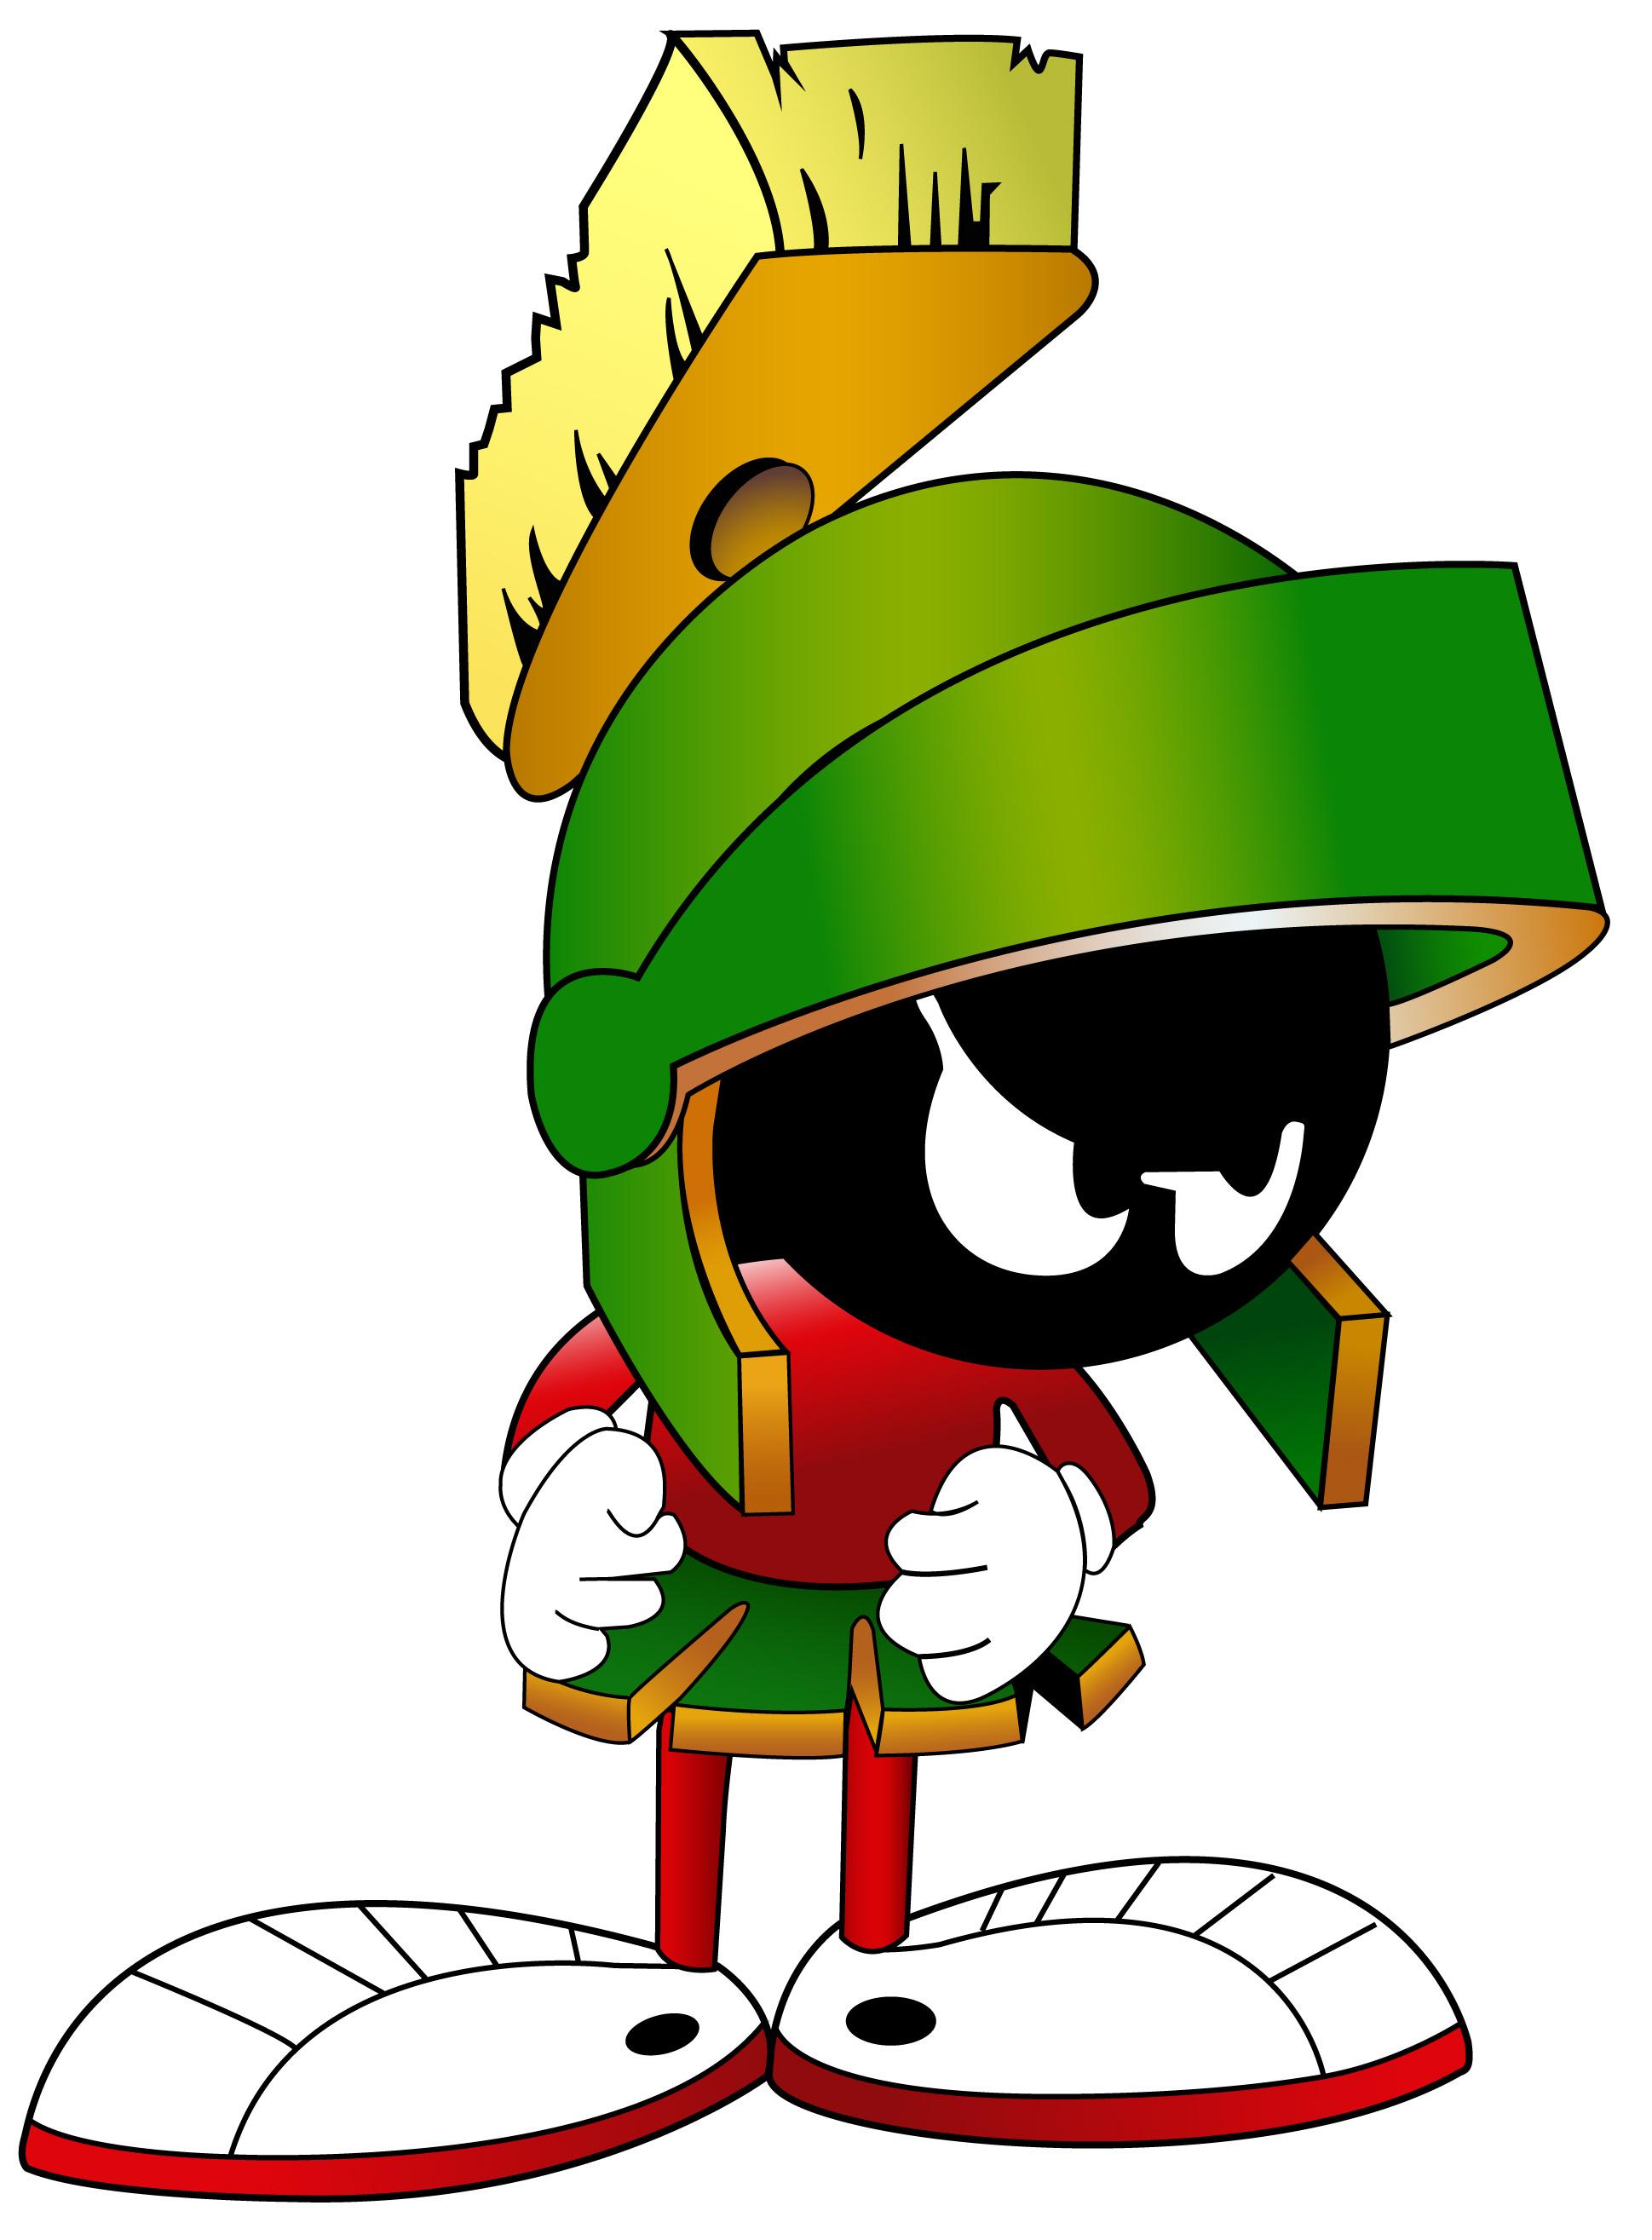 Martian Mascot